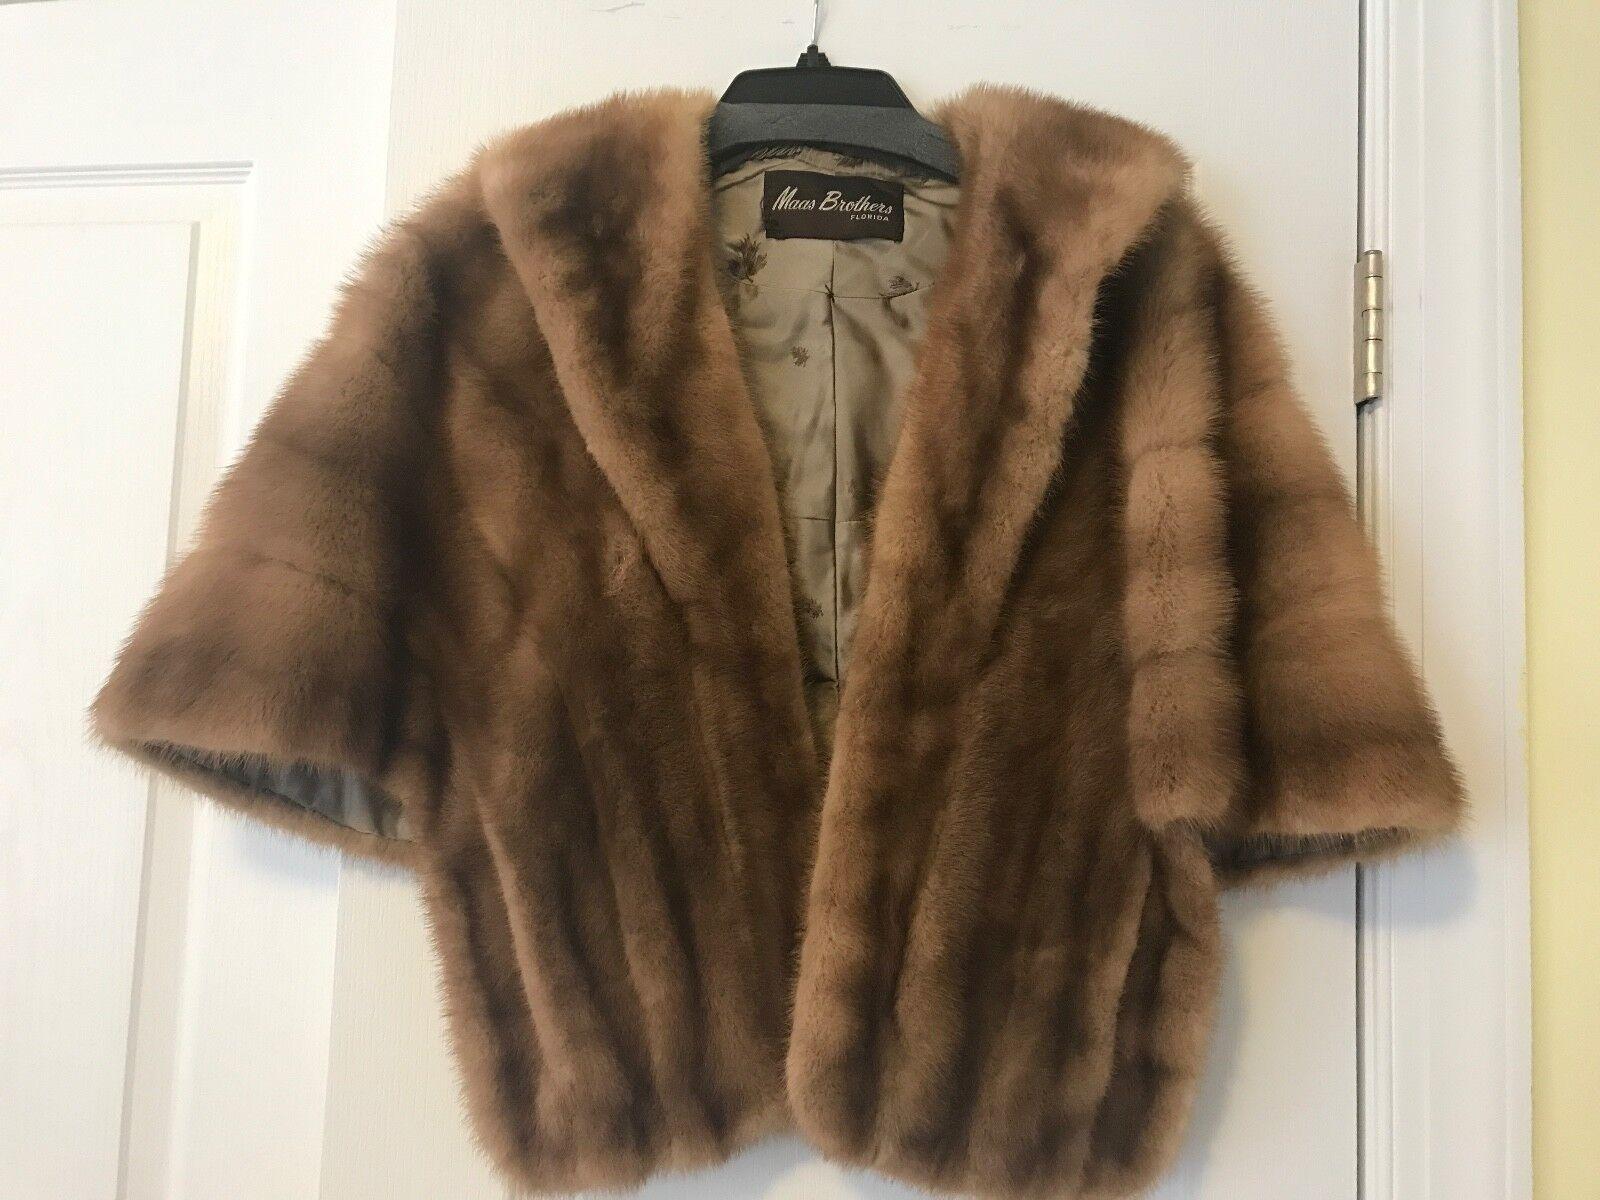 disfrute del envío de cortesía sobornar auténtico varios colores Estola de piel de visón capa Abrigo Abrigo Chaqueta ...